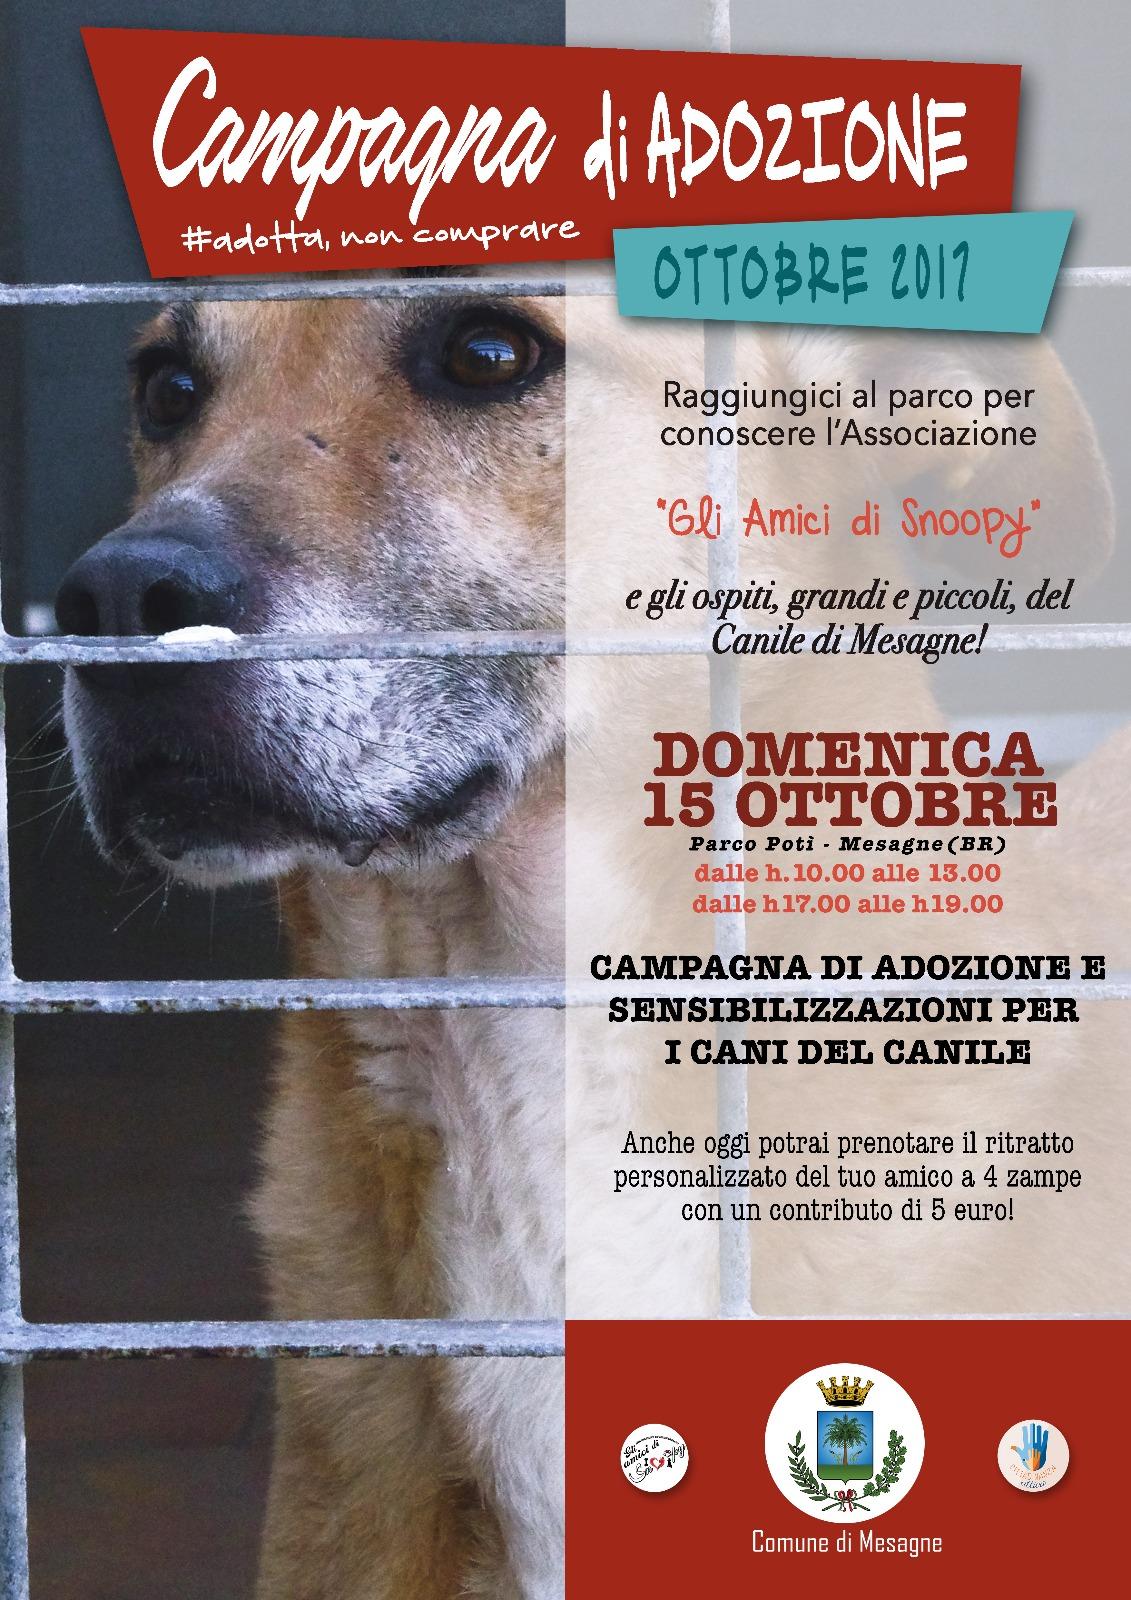 """Domenica 15 ottobre al parco Potì """"Gli amici di Snoopy"""" per l'adozione dei cani"""